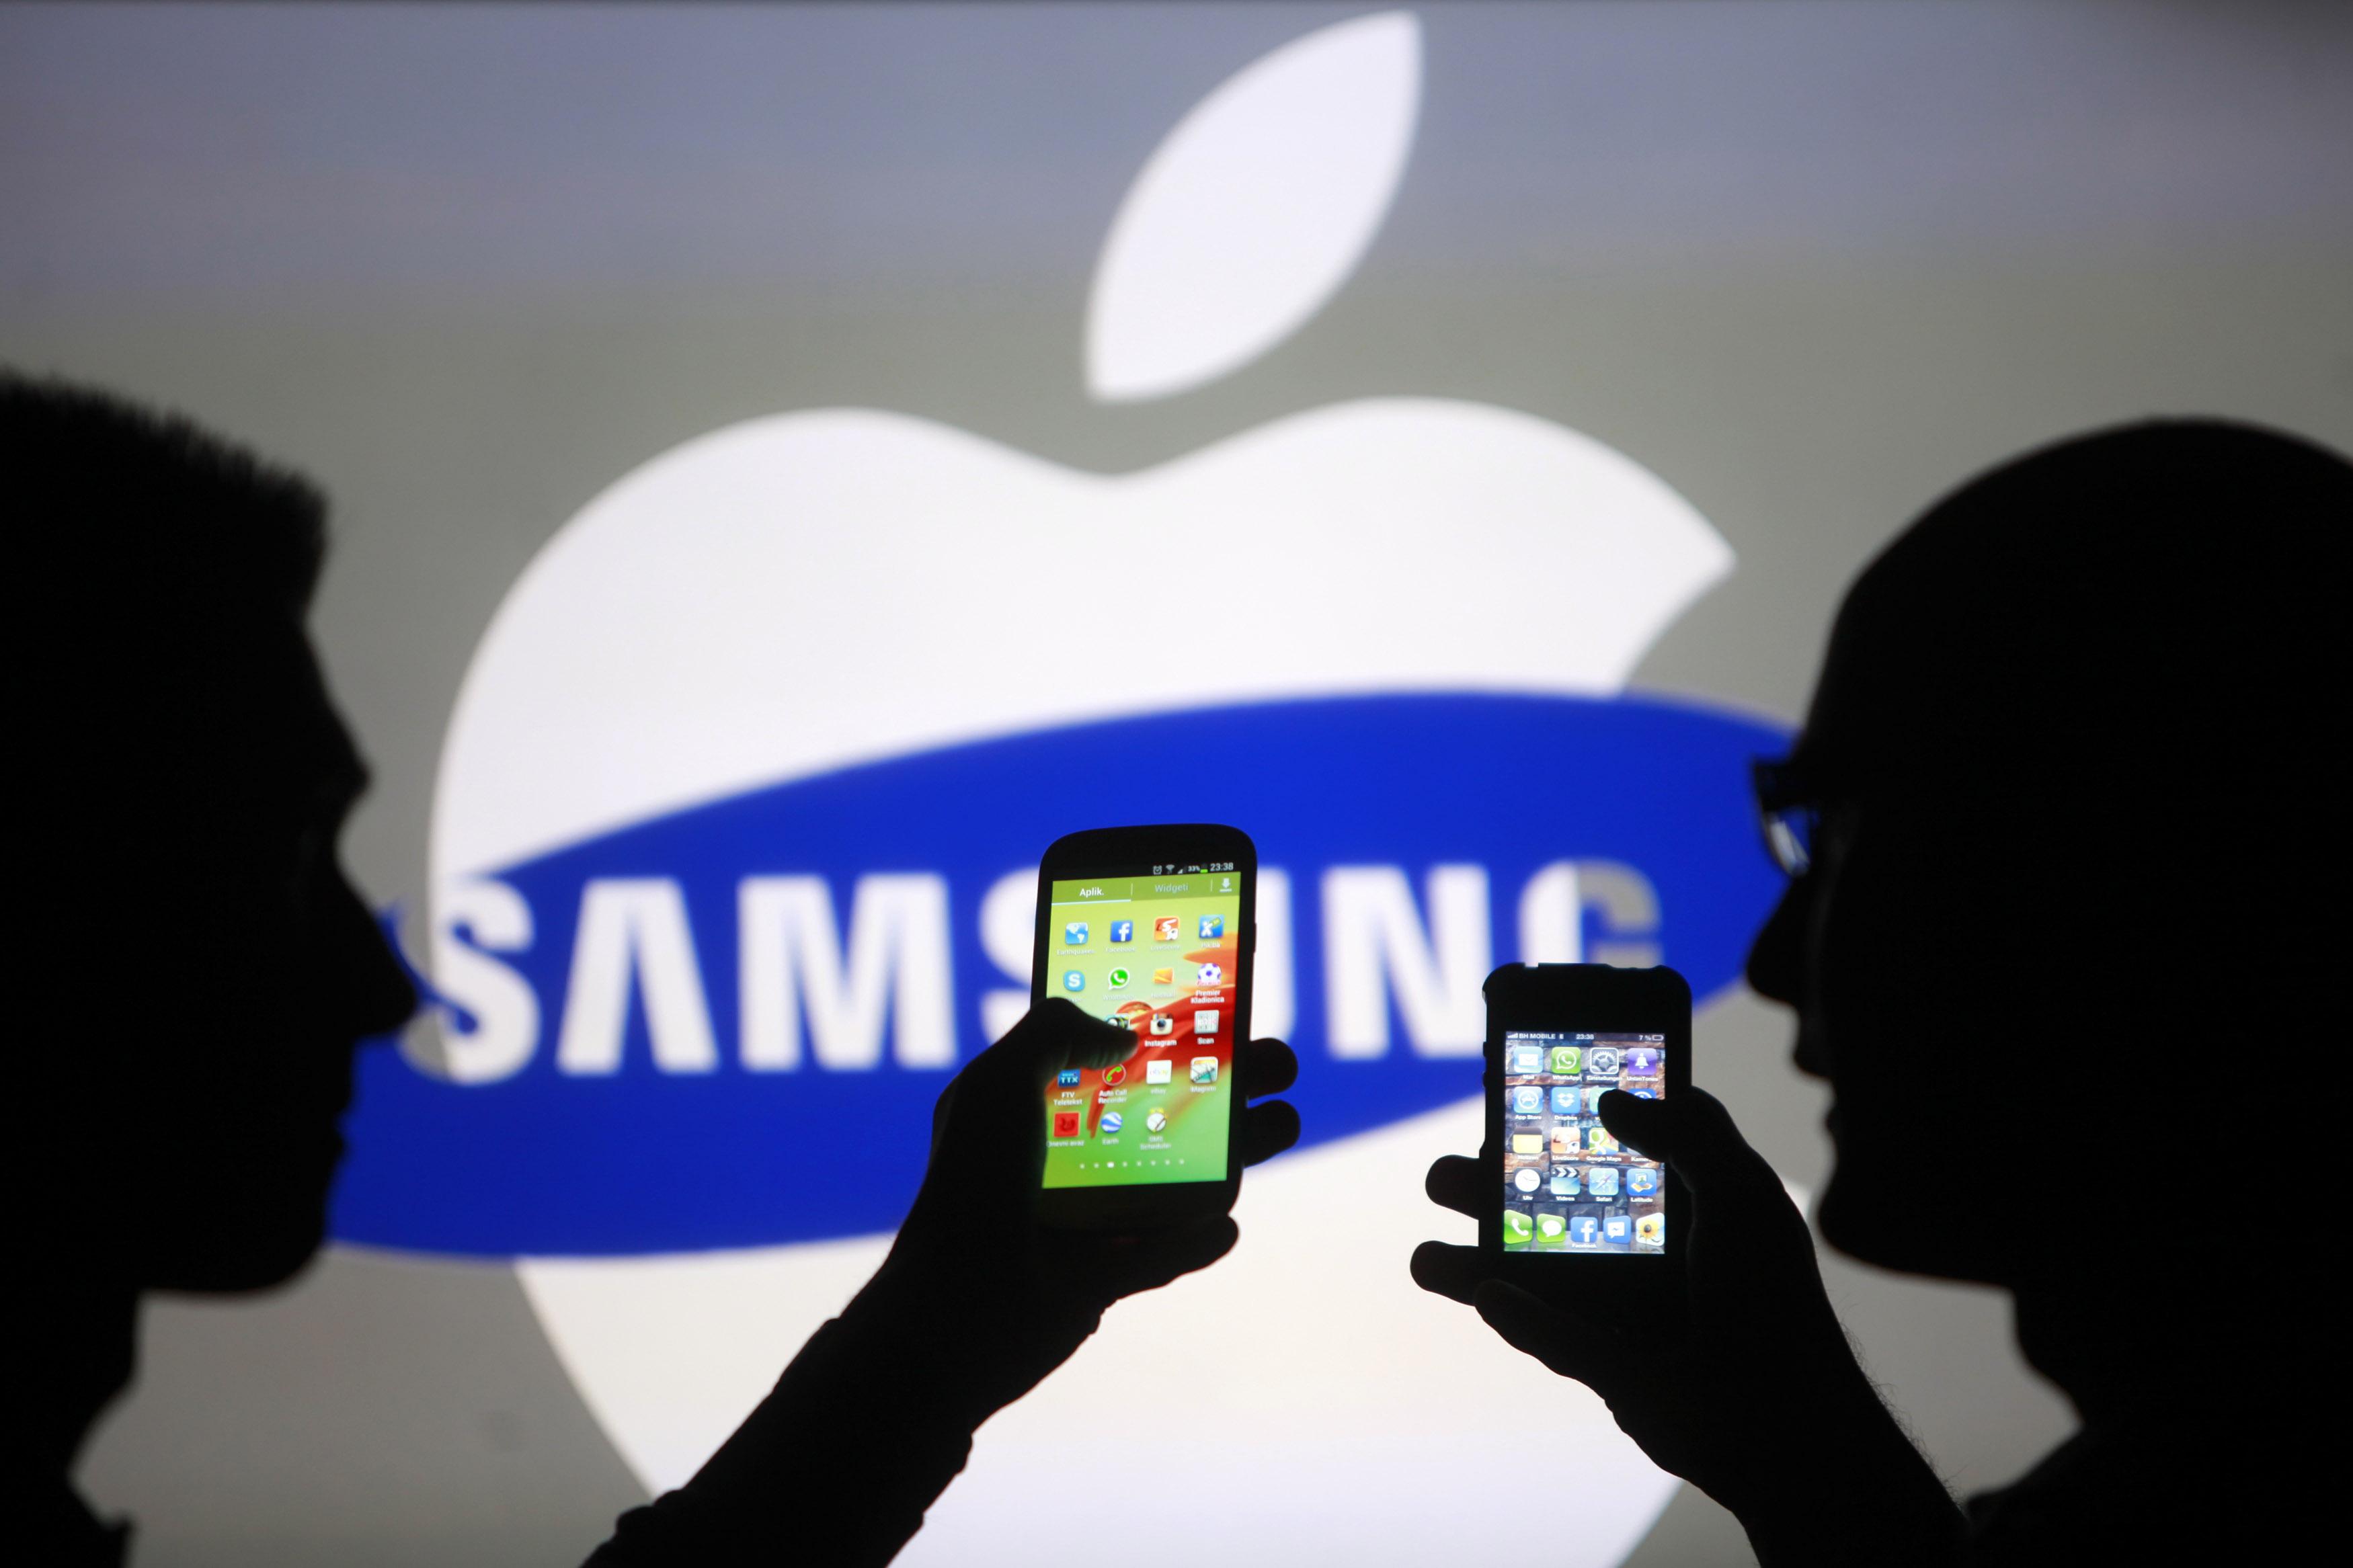 سامسونگ زیر بار پرداخت 548 میلیون دلار غرامت به اپل نرفت